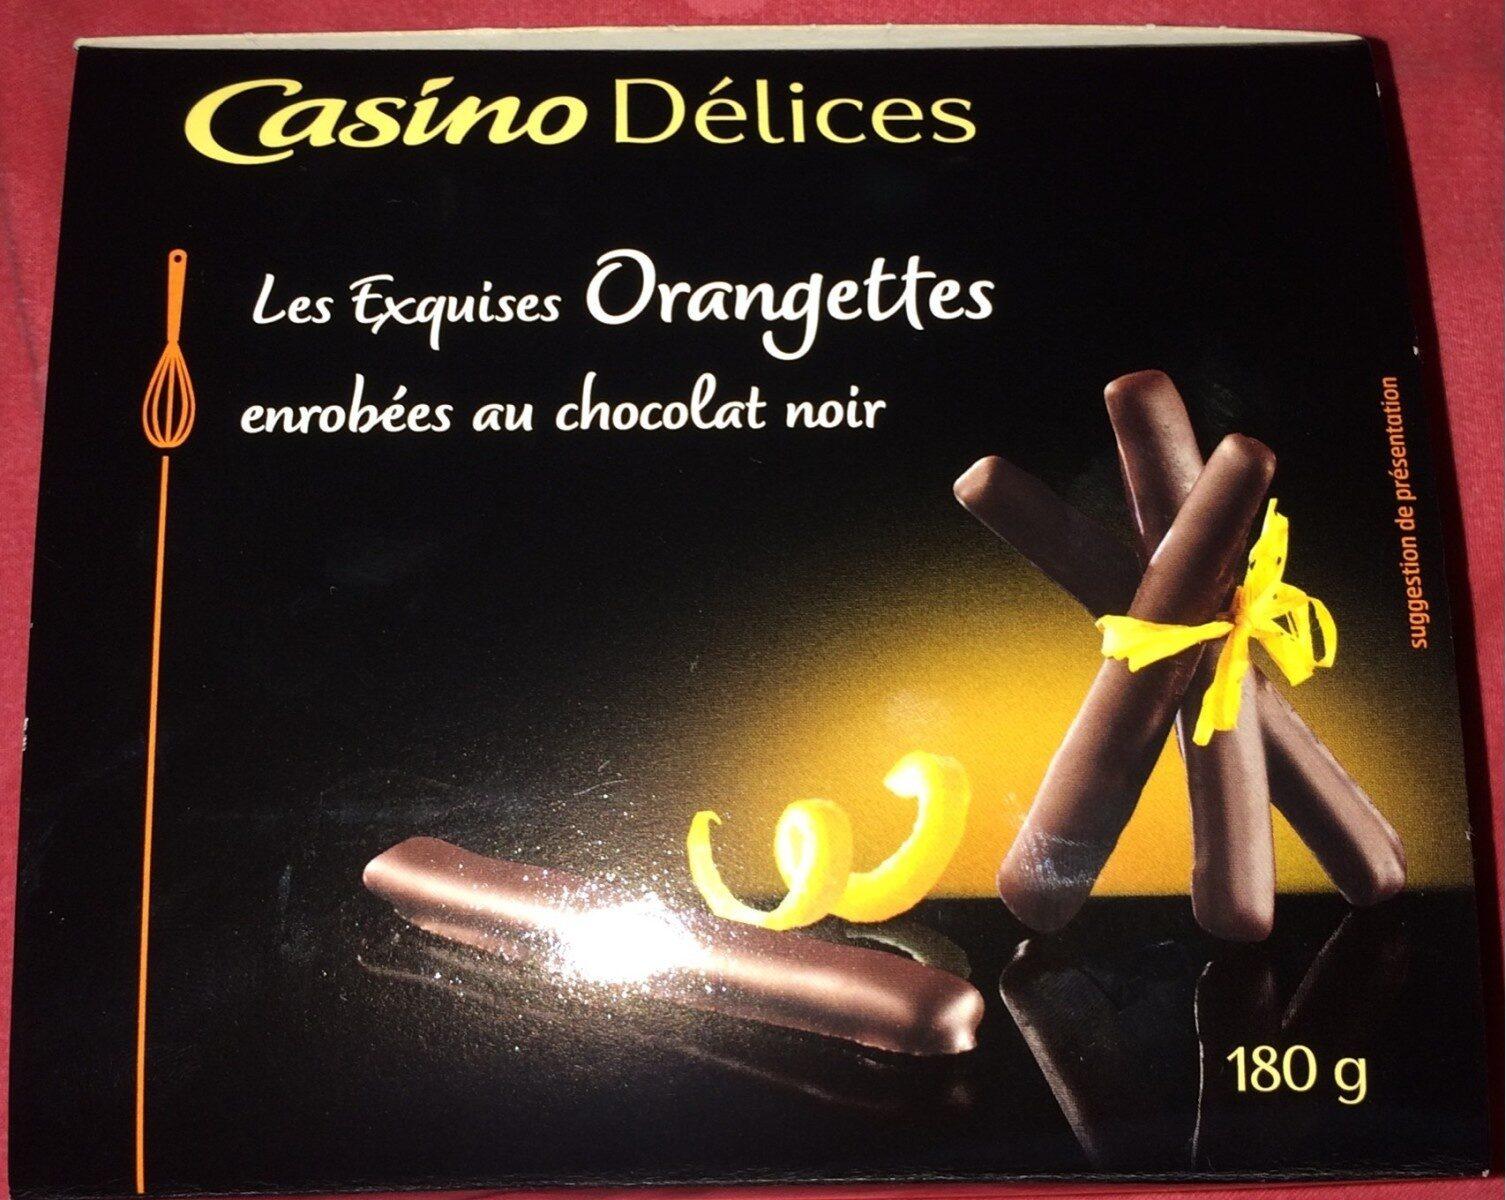 Les Exquises ORANGETTES - Product